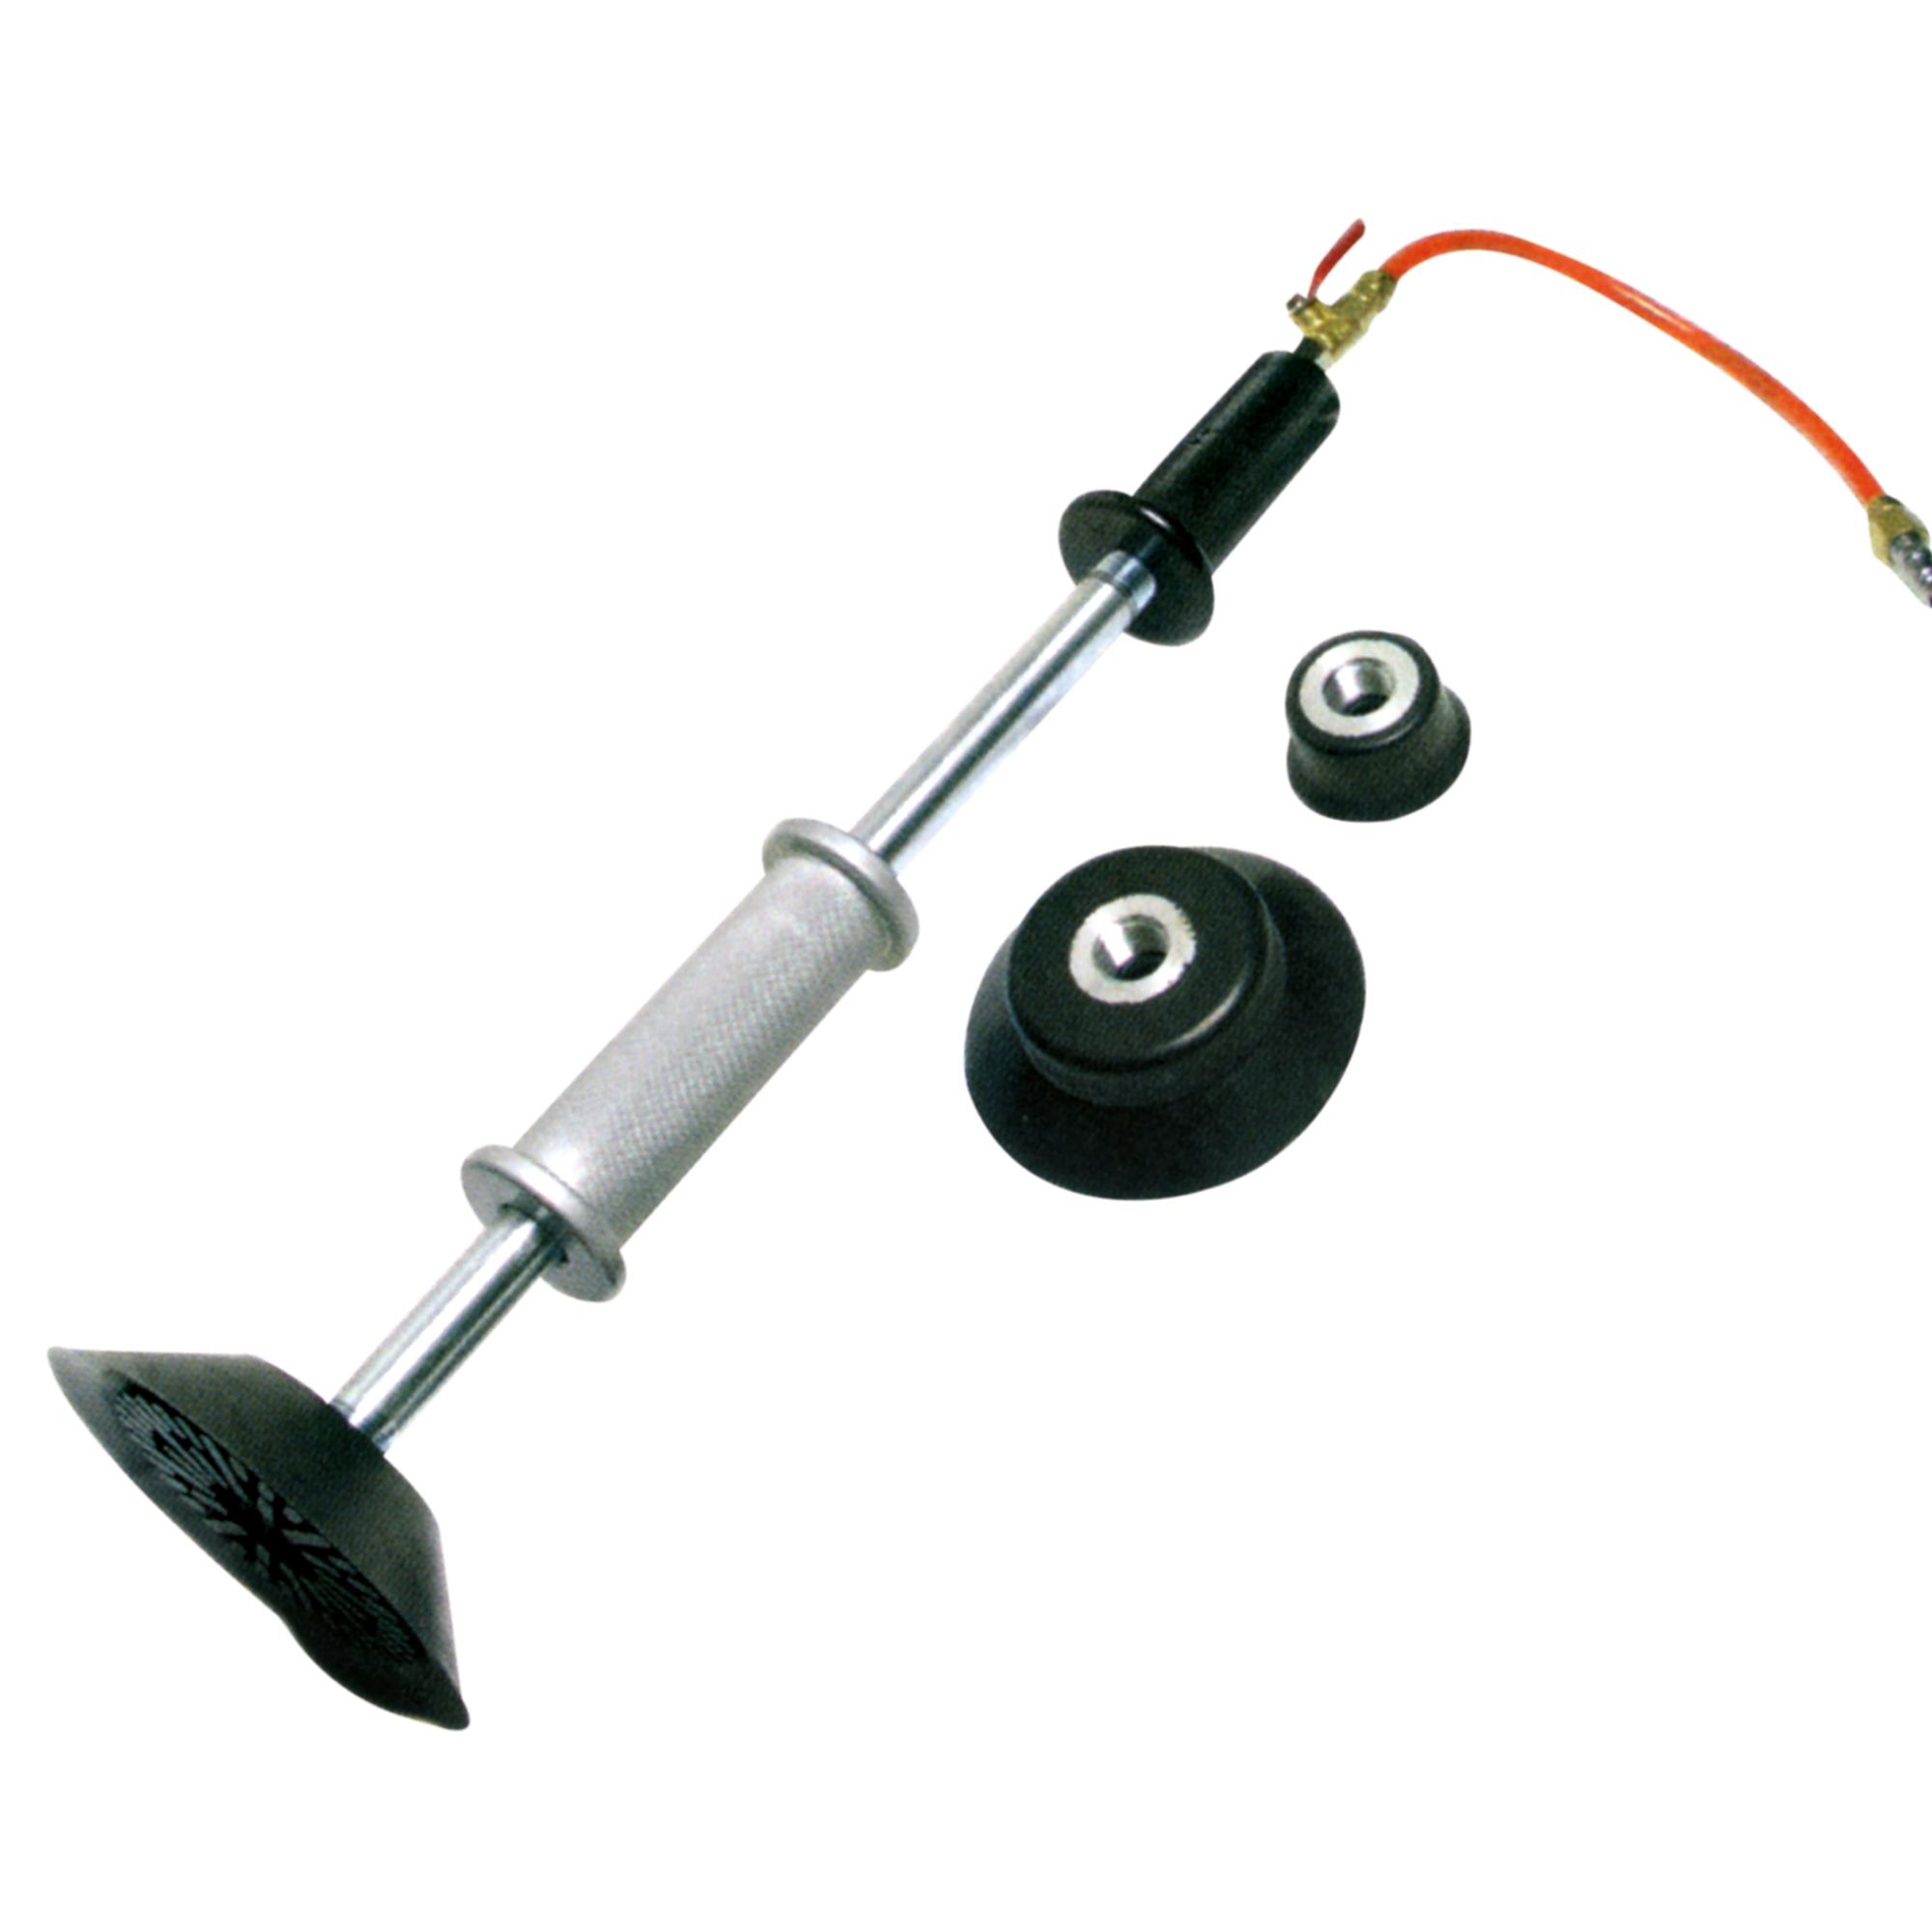 Druckluft-Beulenhammer 1,4 kg